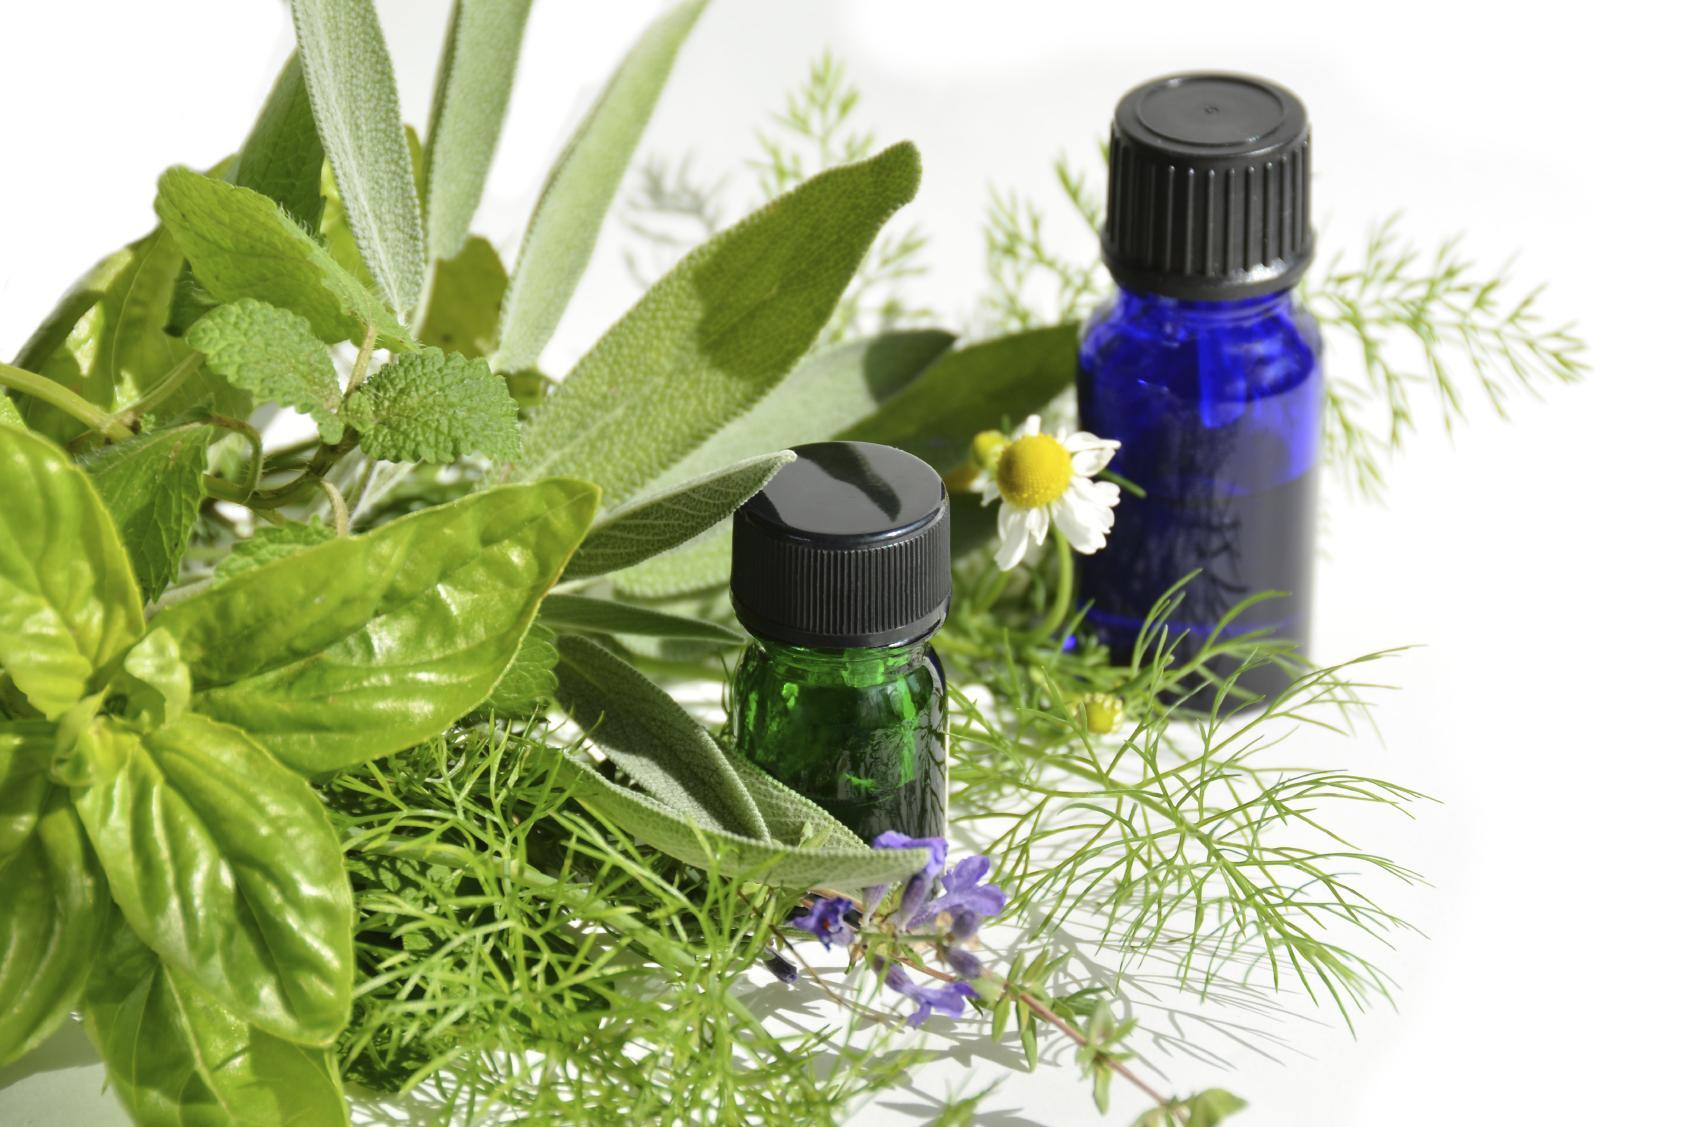 Laboratoires Nature: Extraits et huiles de plantes végétales à usage médical, extraits naturels de plantes pour teinte durable pour cheveux.